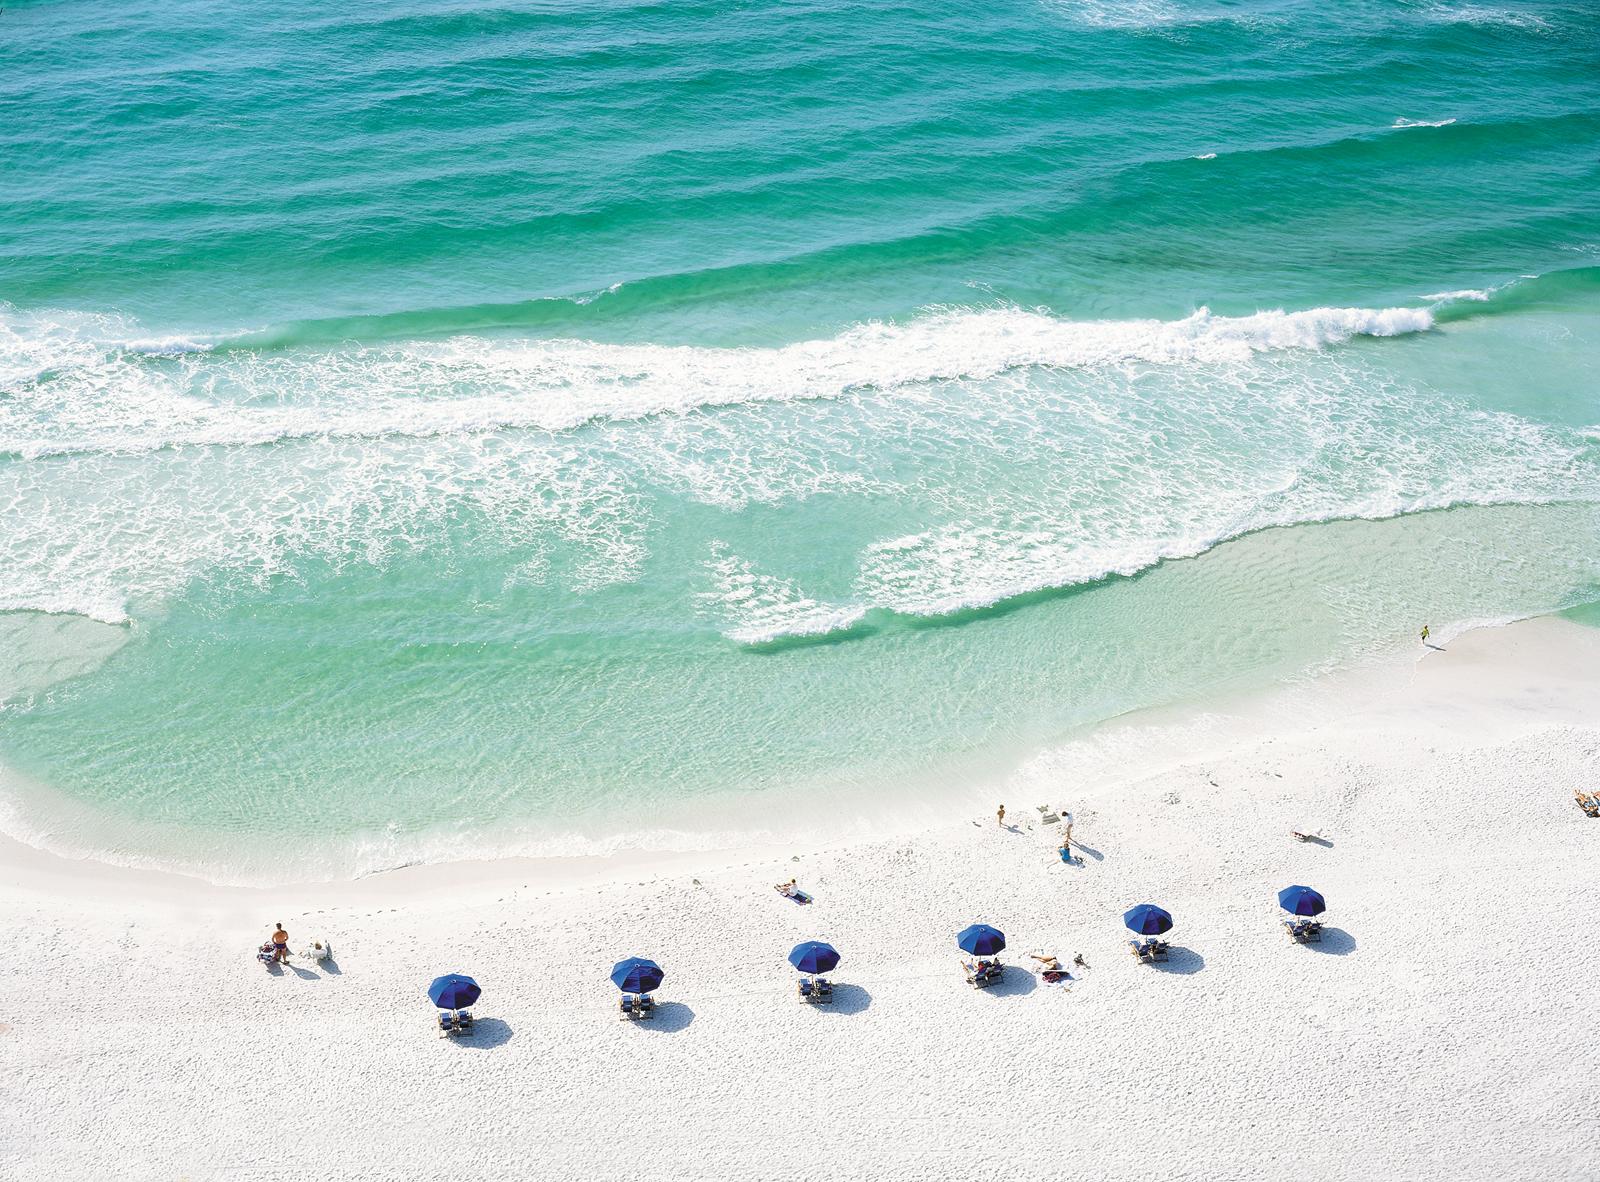 Mramar Beach Florida